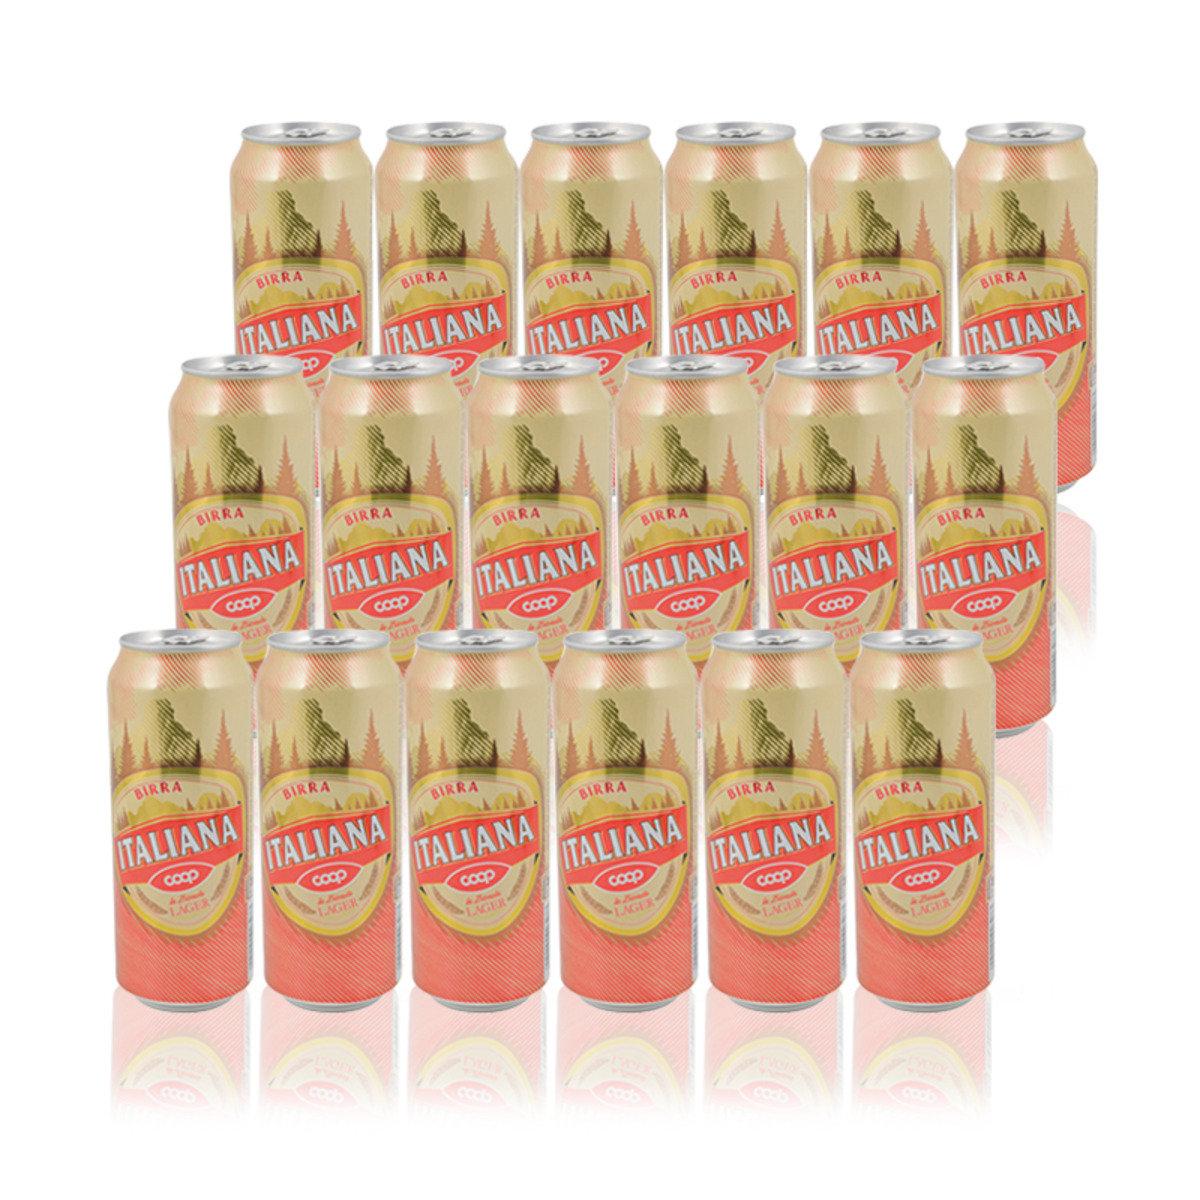 意大利罐裝啤酒(原箱/18罐)